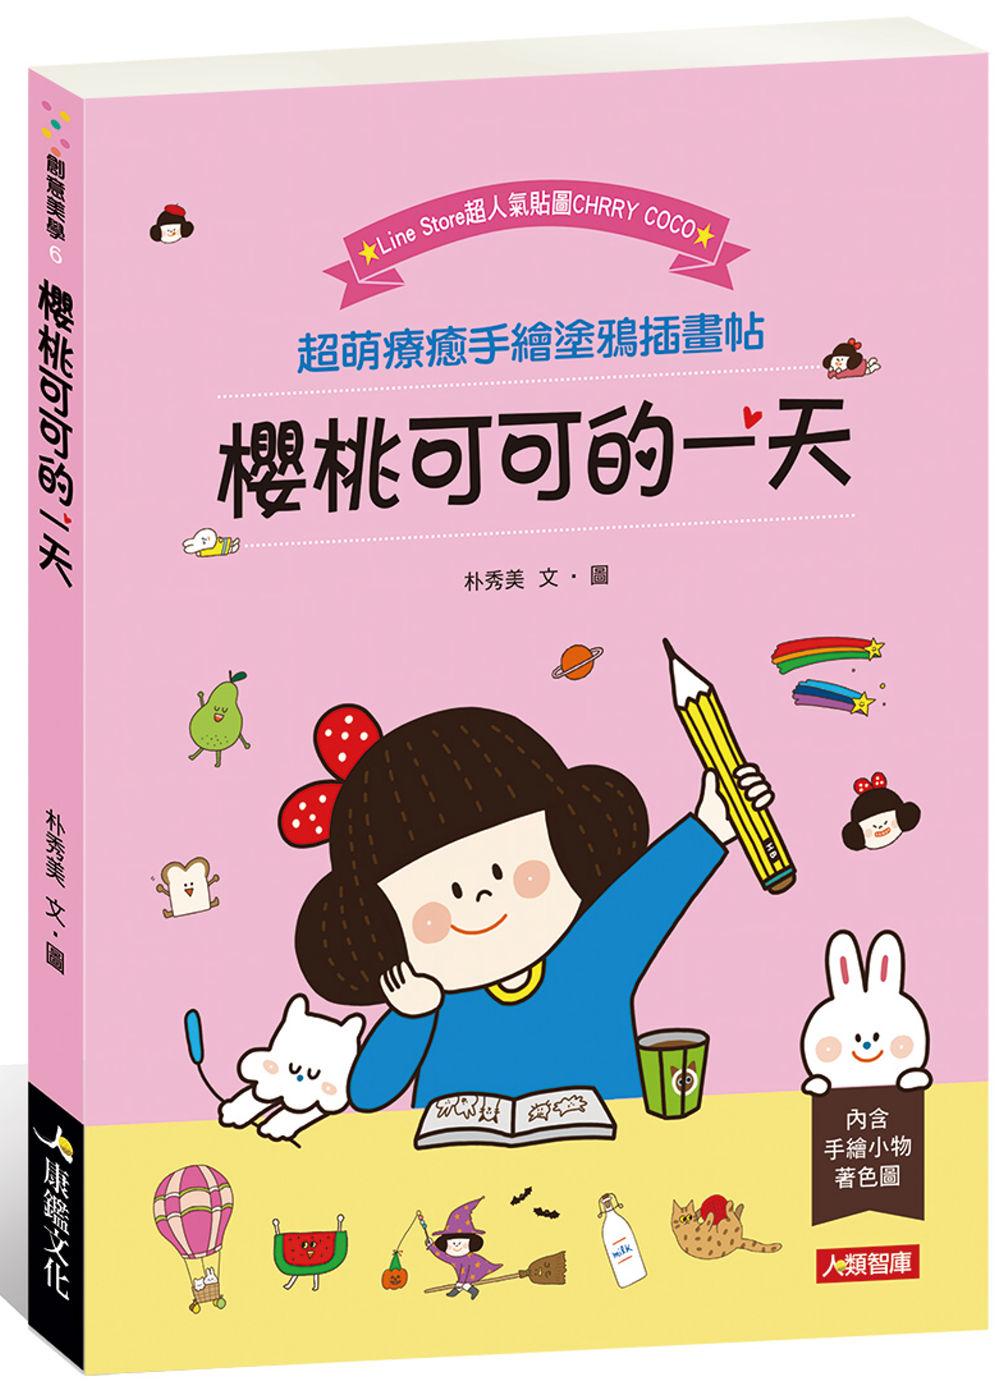 櫻桃可可的一天:超萌療癒手繪塗鴉插畫帖